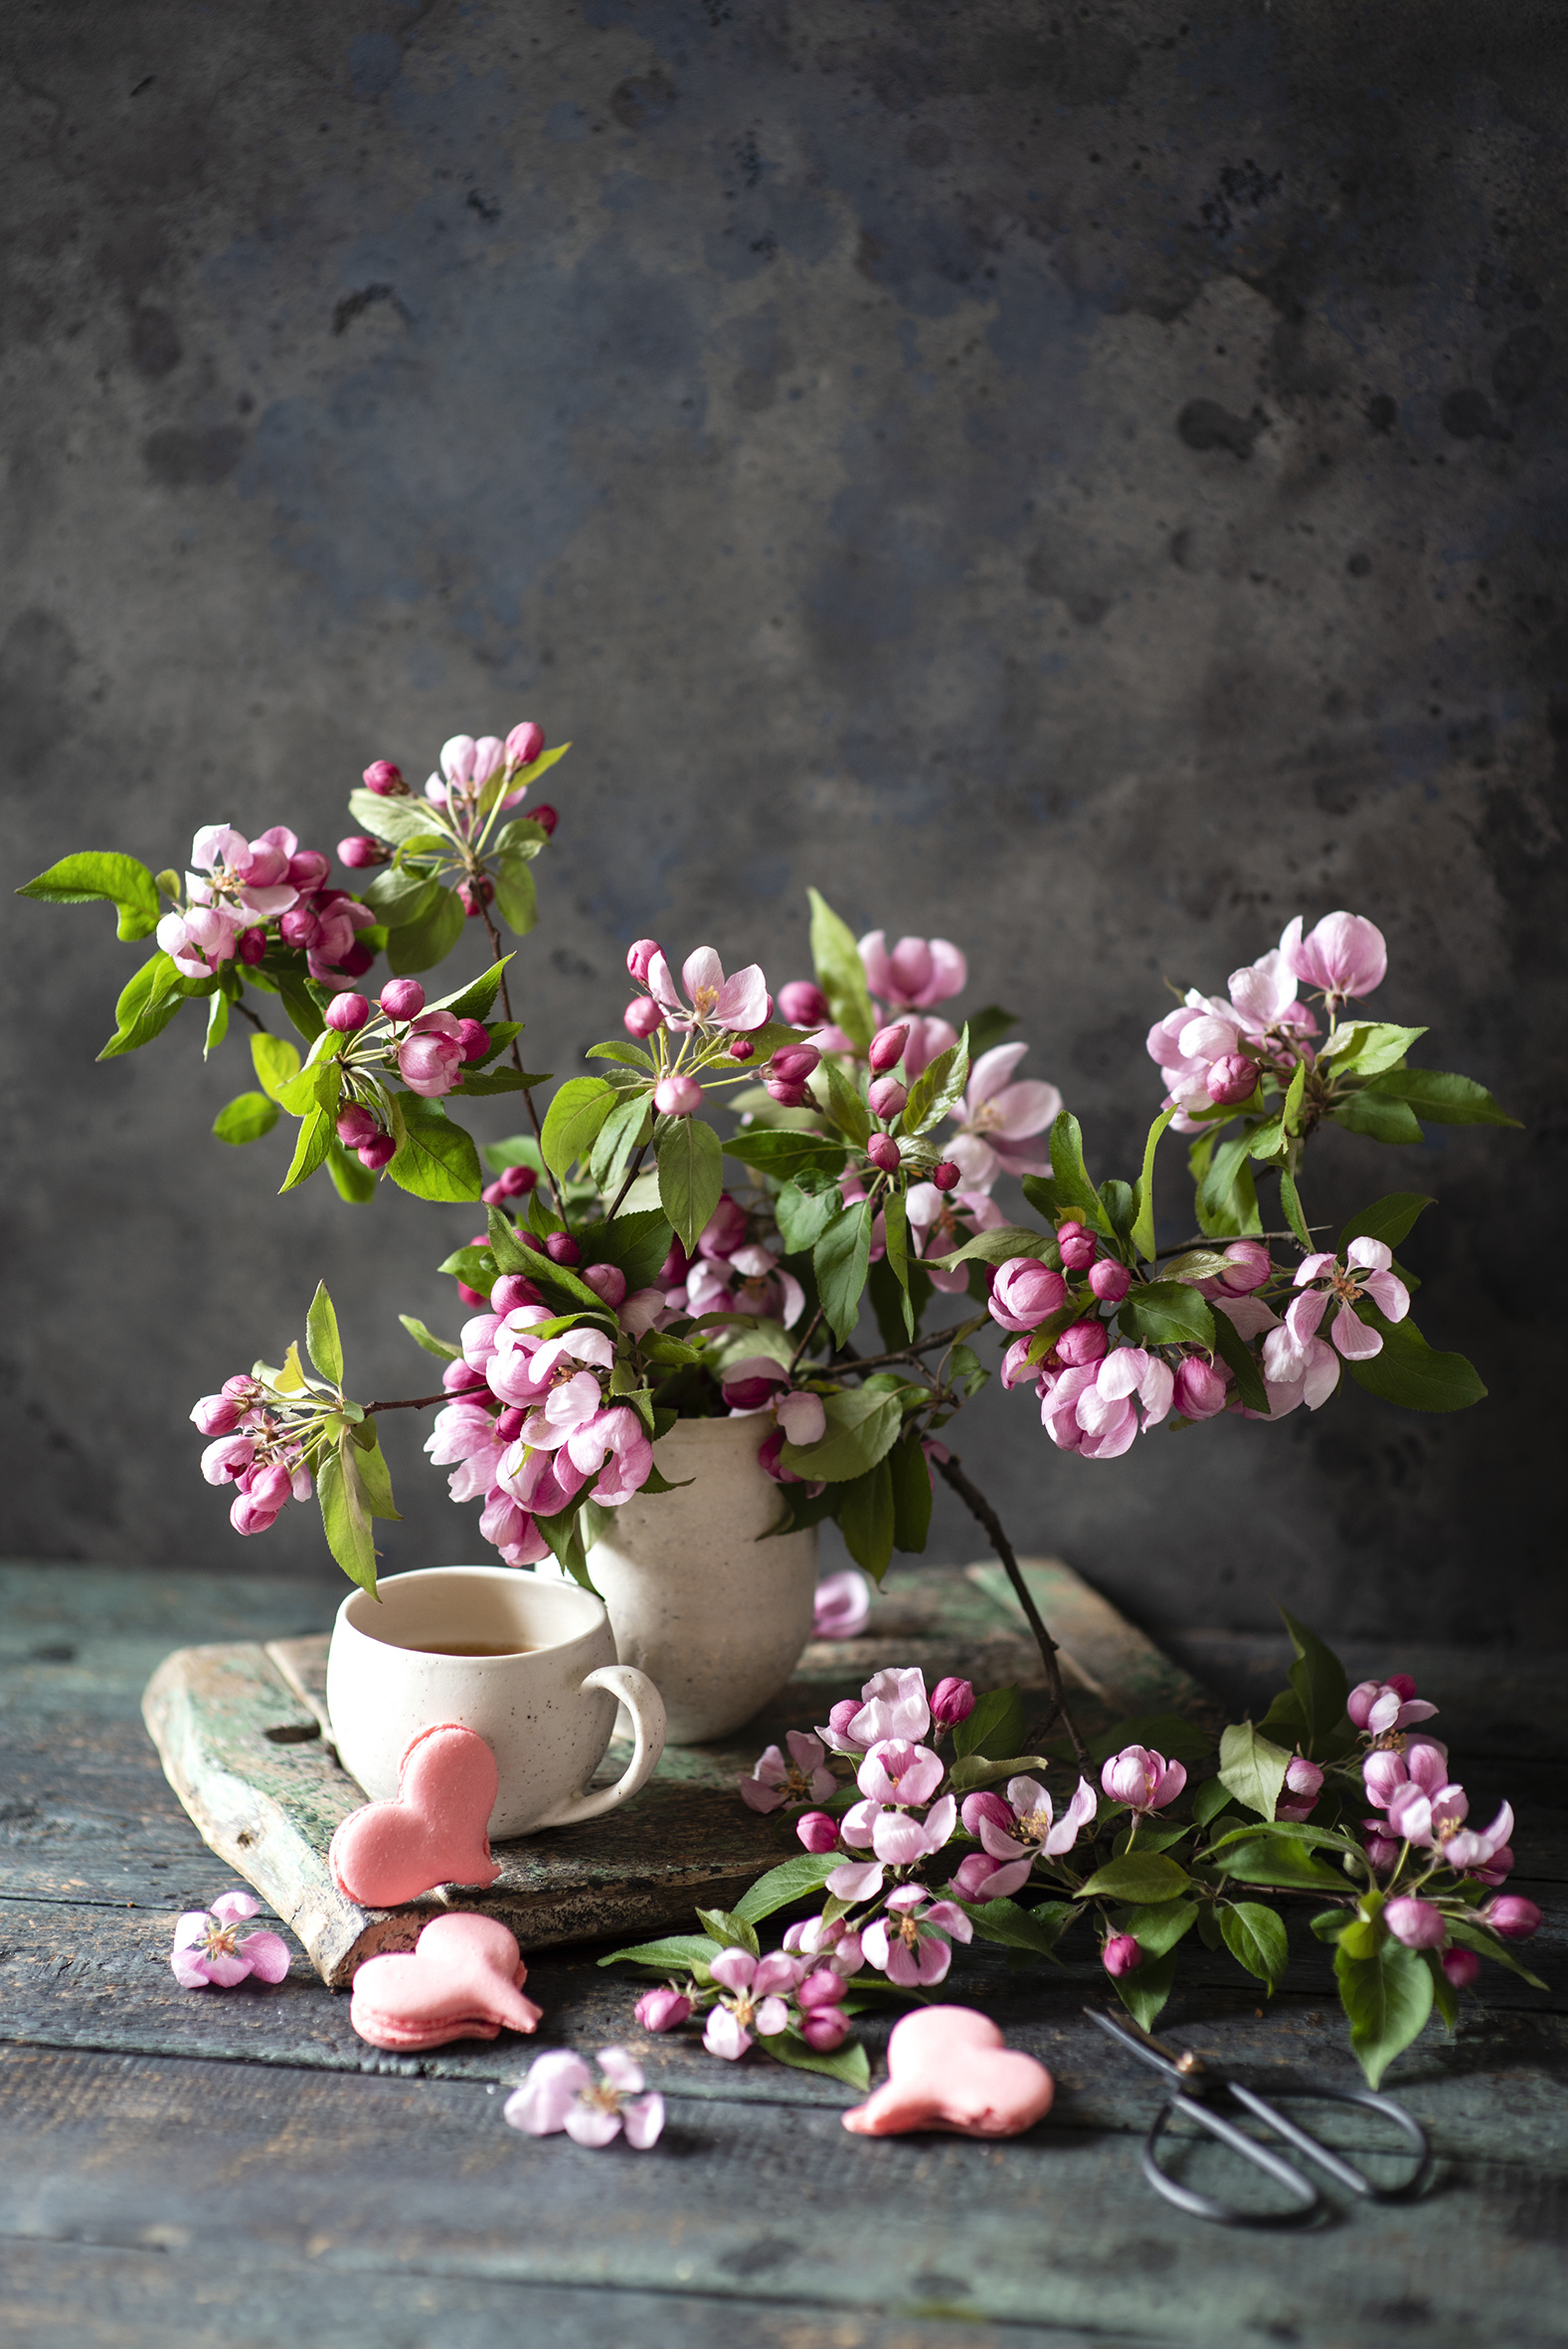 Fotos Herz Blüte Ast Kekse Tasse das Essen Stillleben Bretter Blühende Bäume  für Handy Blumen Lebensmittel